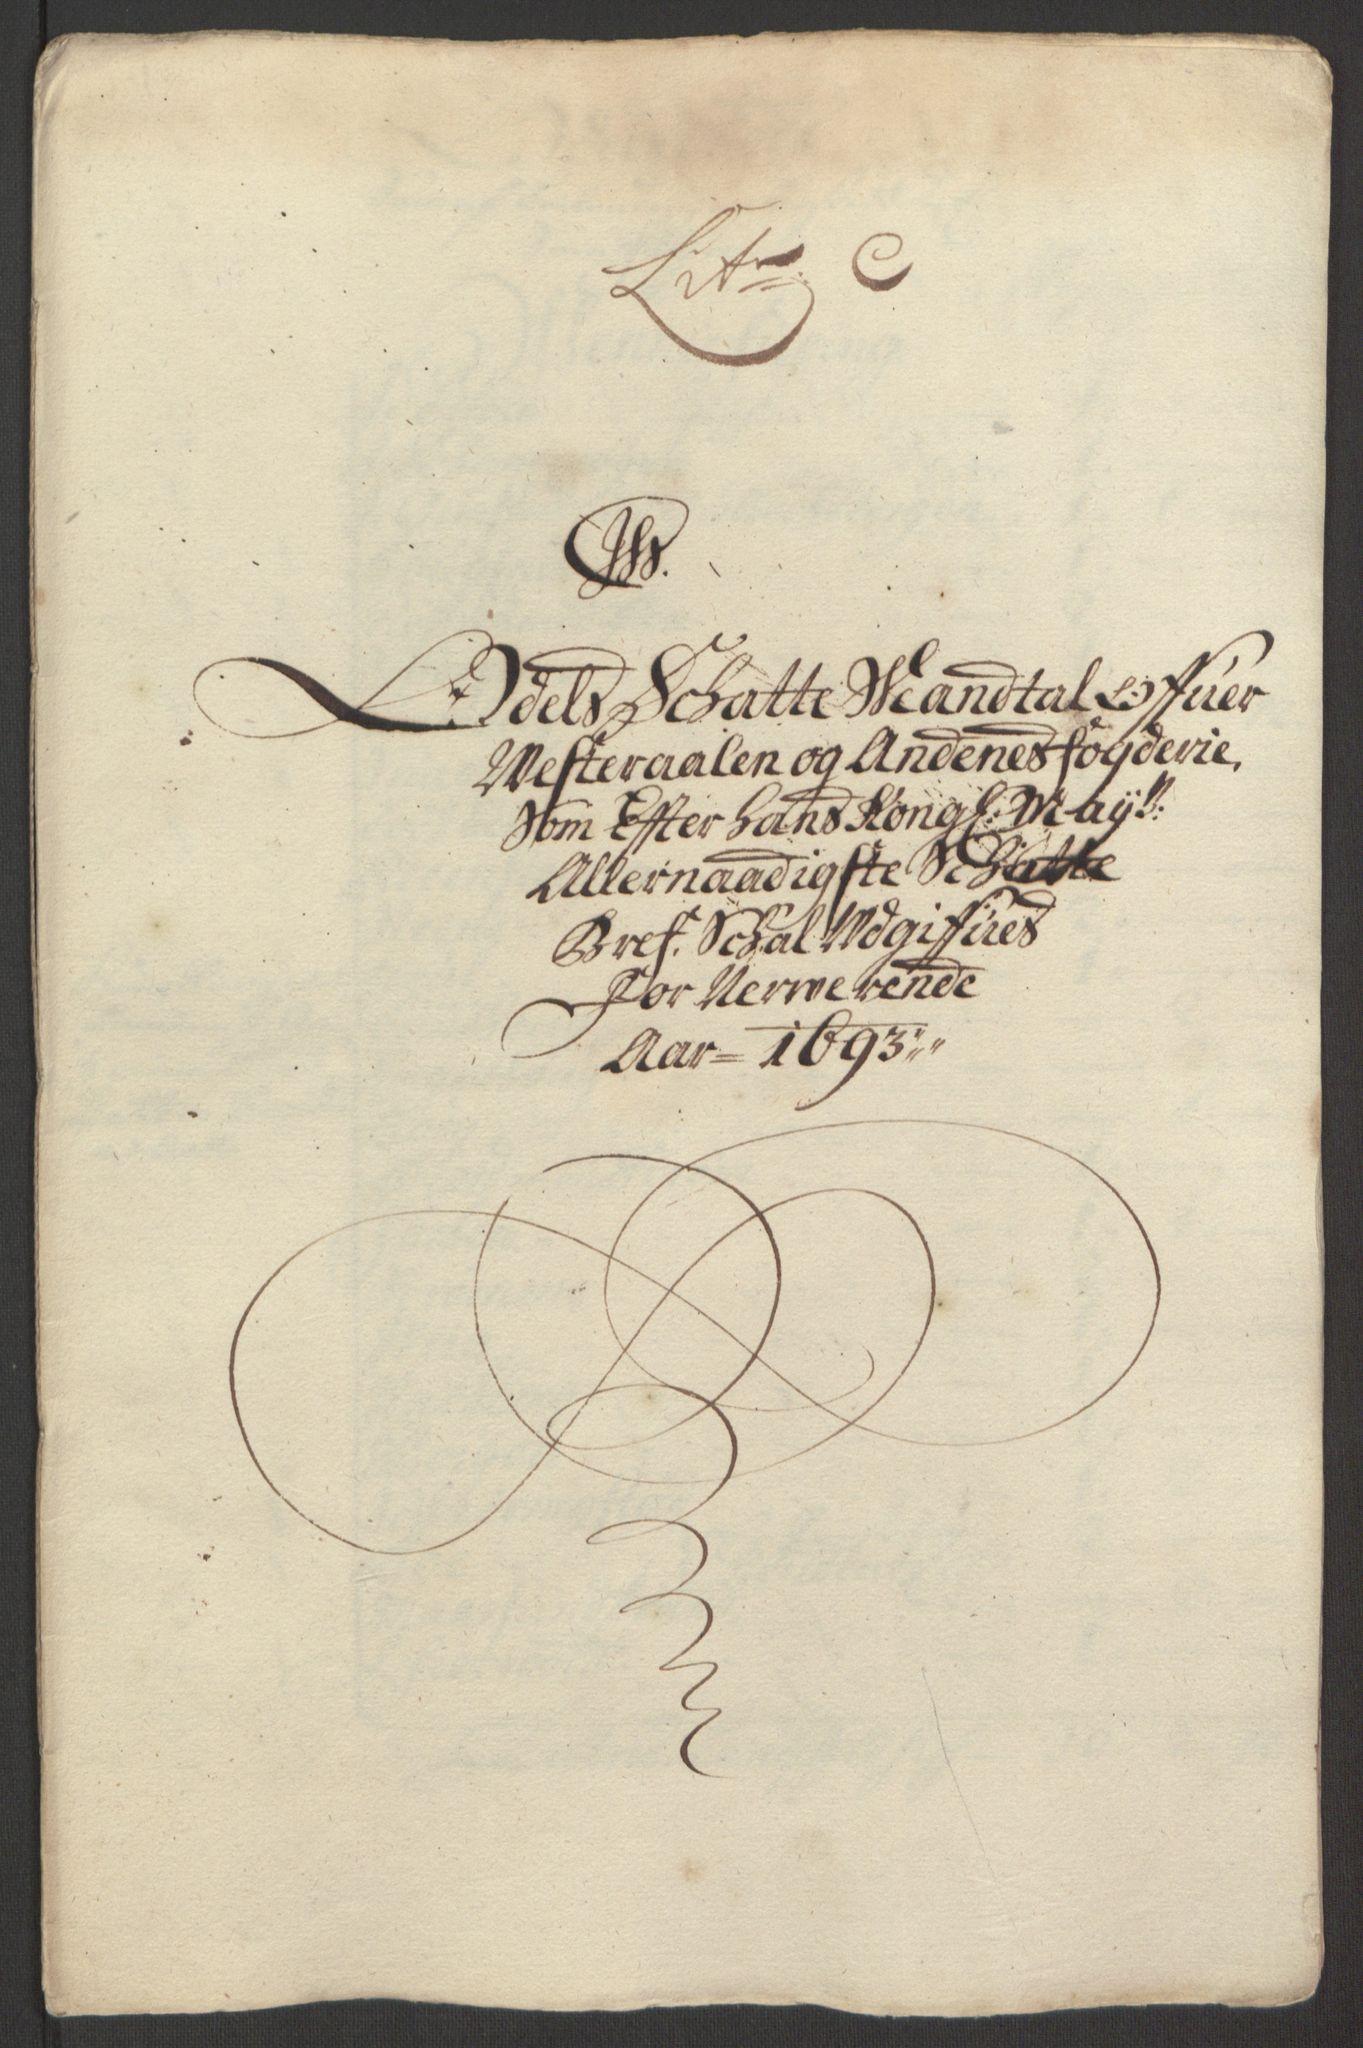 RA, Rentekammeret inntil 1814, Reviderte regnskaper, Fogderegnskap, R67/L4676: Fogderegnskap Vesterålen, Andenes og Lofoten, 1691-1693, s. 267